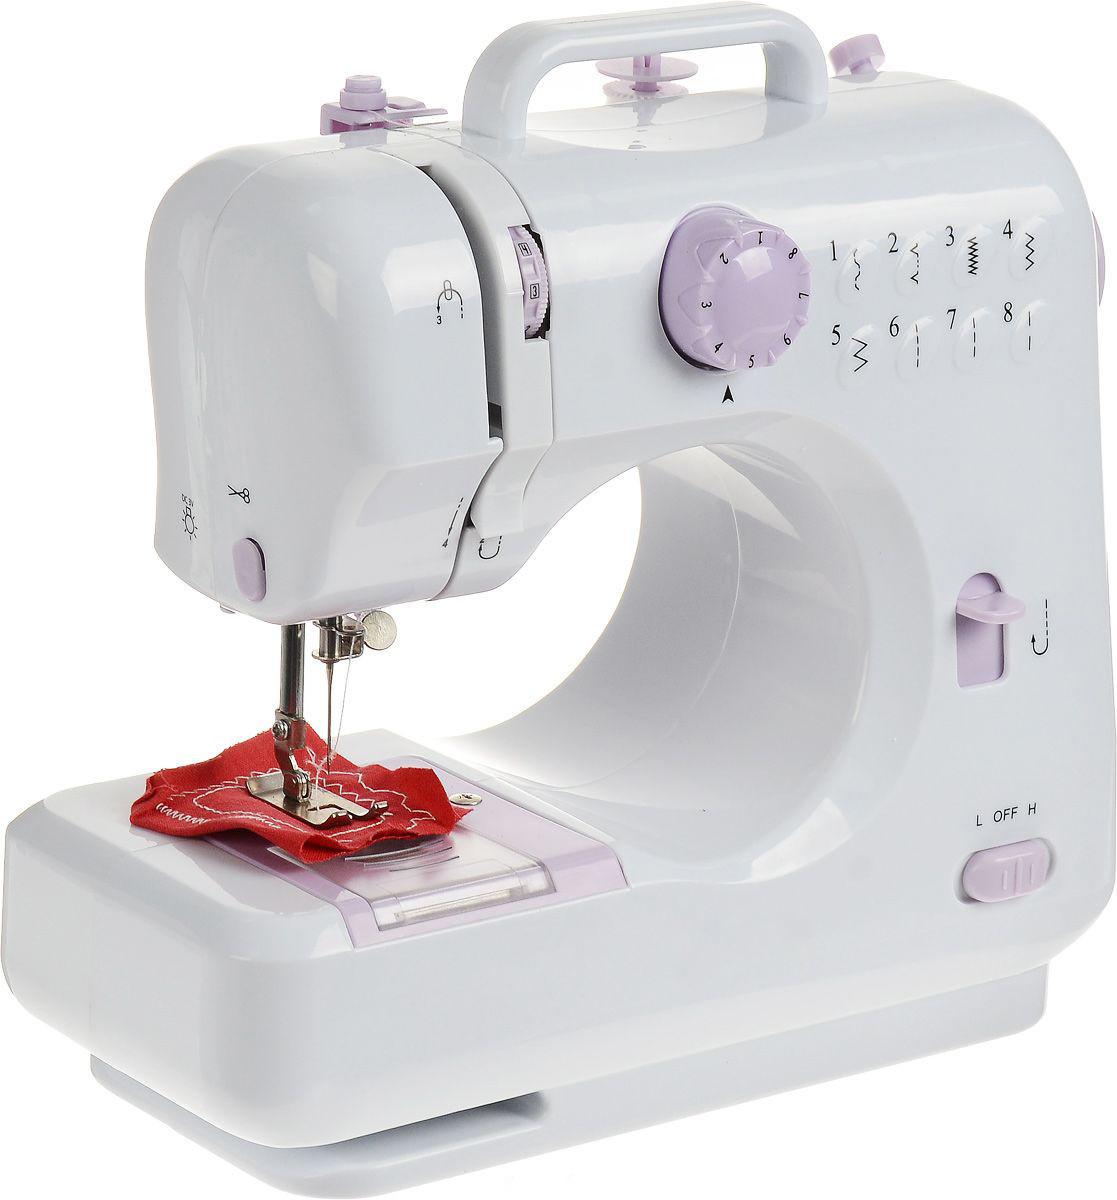 Швейная машинка 8 в 1 Tivax FHSM-505, цена 4 950 грн., купить Київ ...